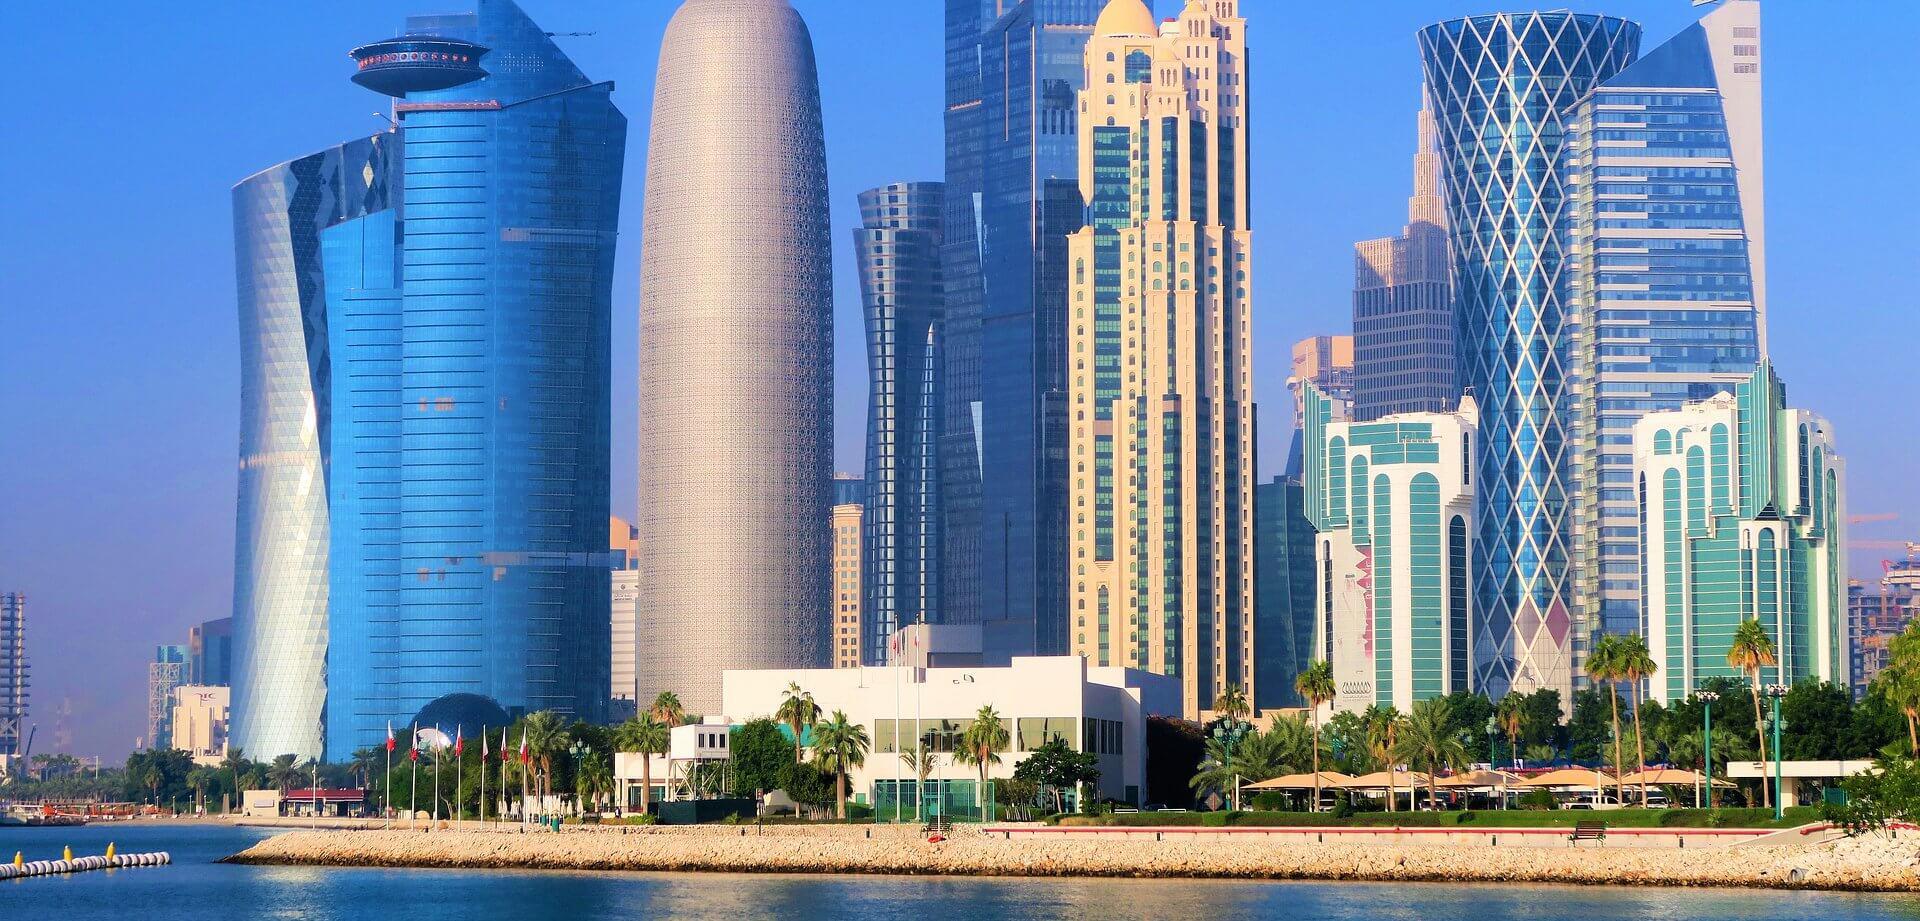 skyscrapers-3850732_1920